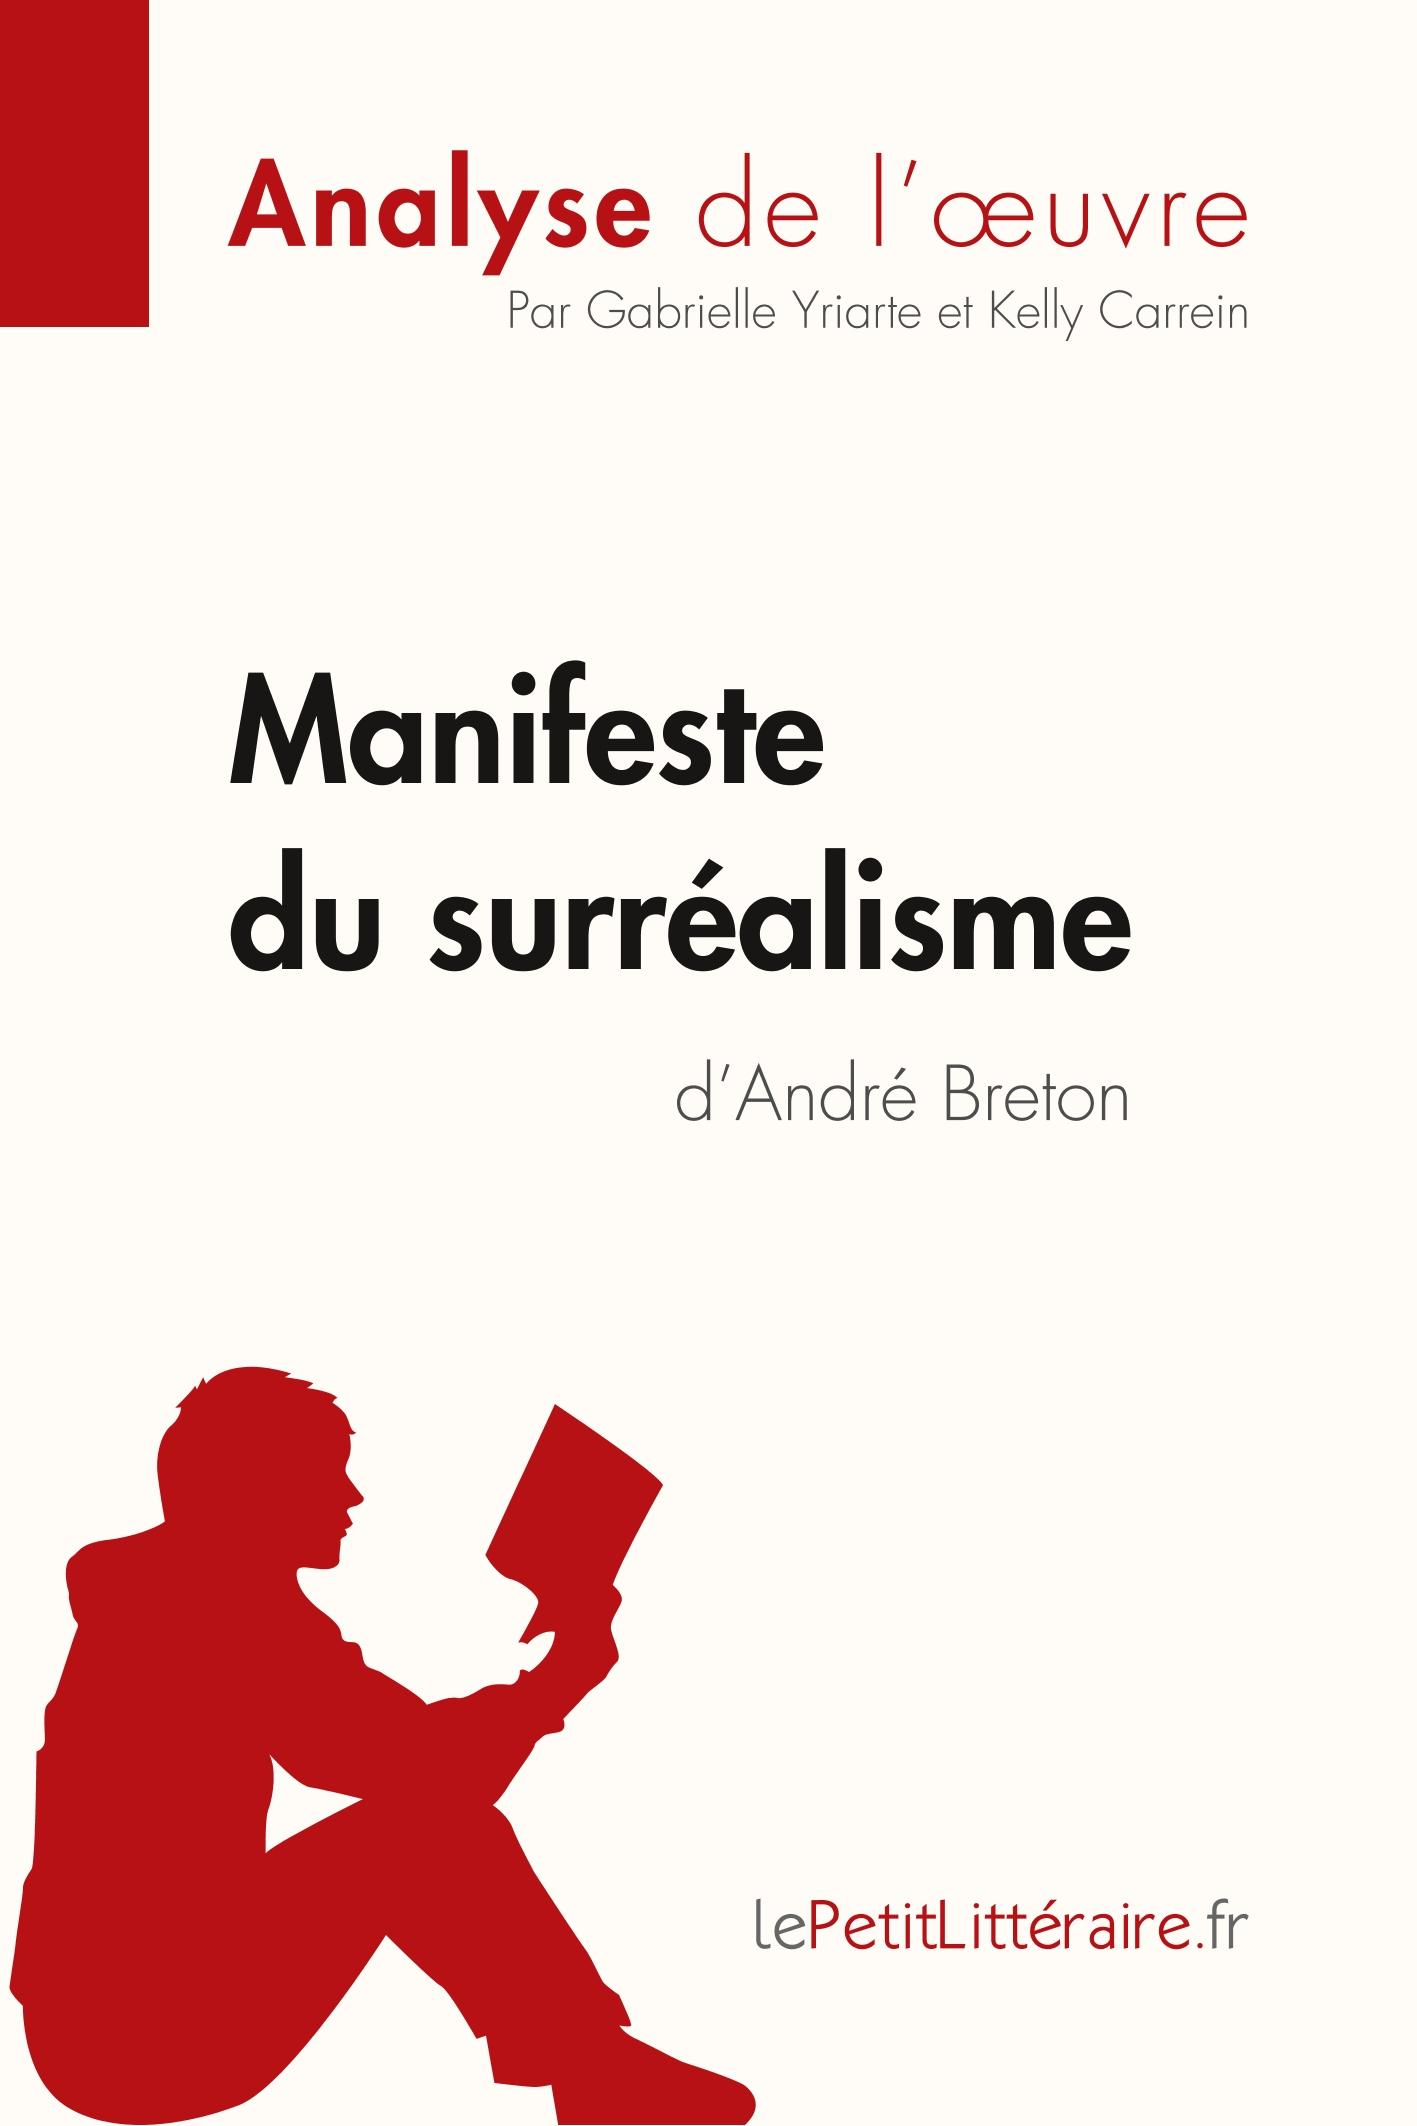 Manifeste du surréalisme d André Breton (Analyse de l oeuvre) - Yriarte, Gabrielle Carrein, Kelly lePetitLitteraire